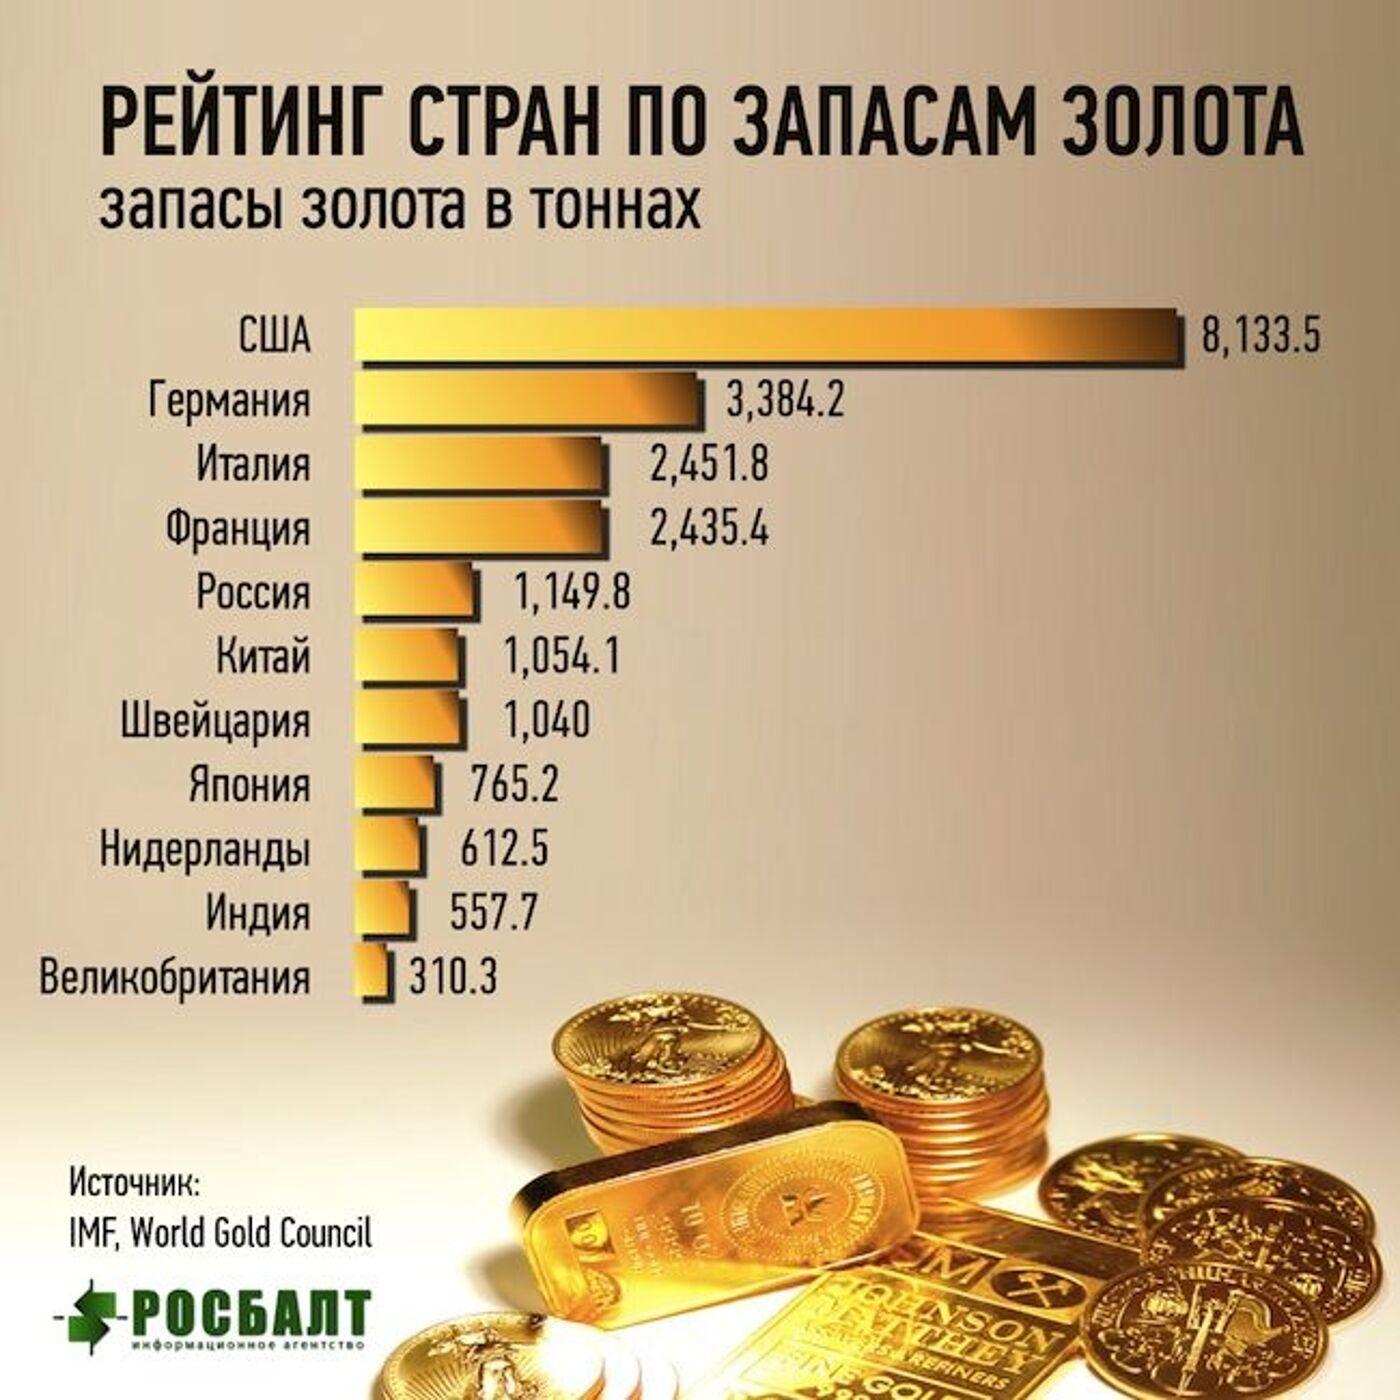 первое место по добыче золота занимает